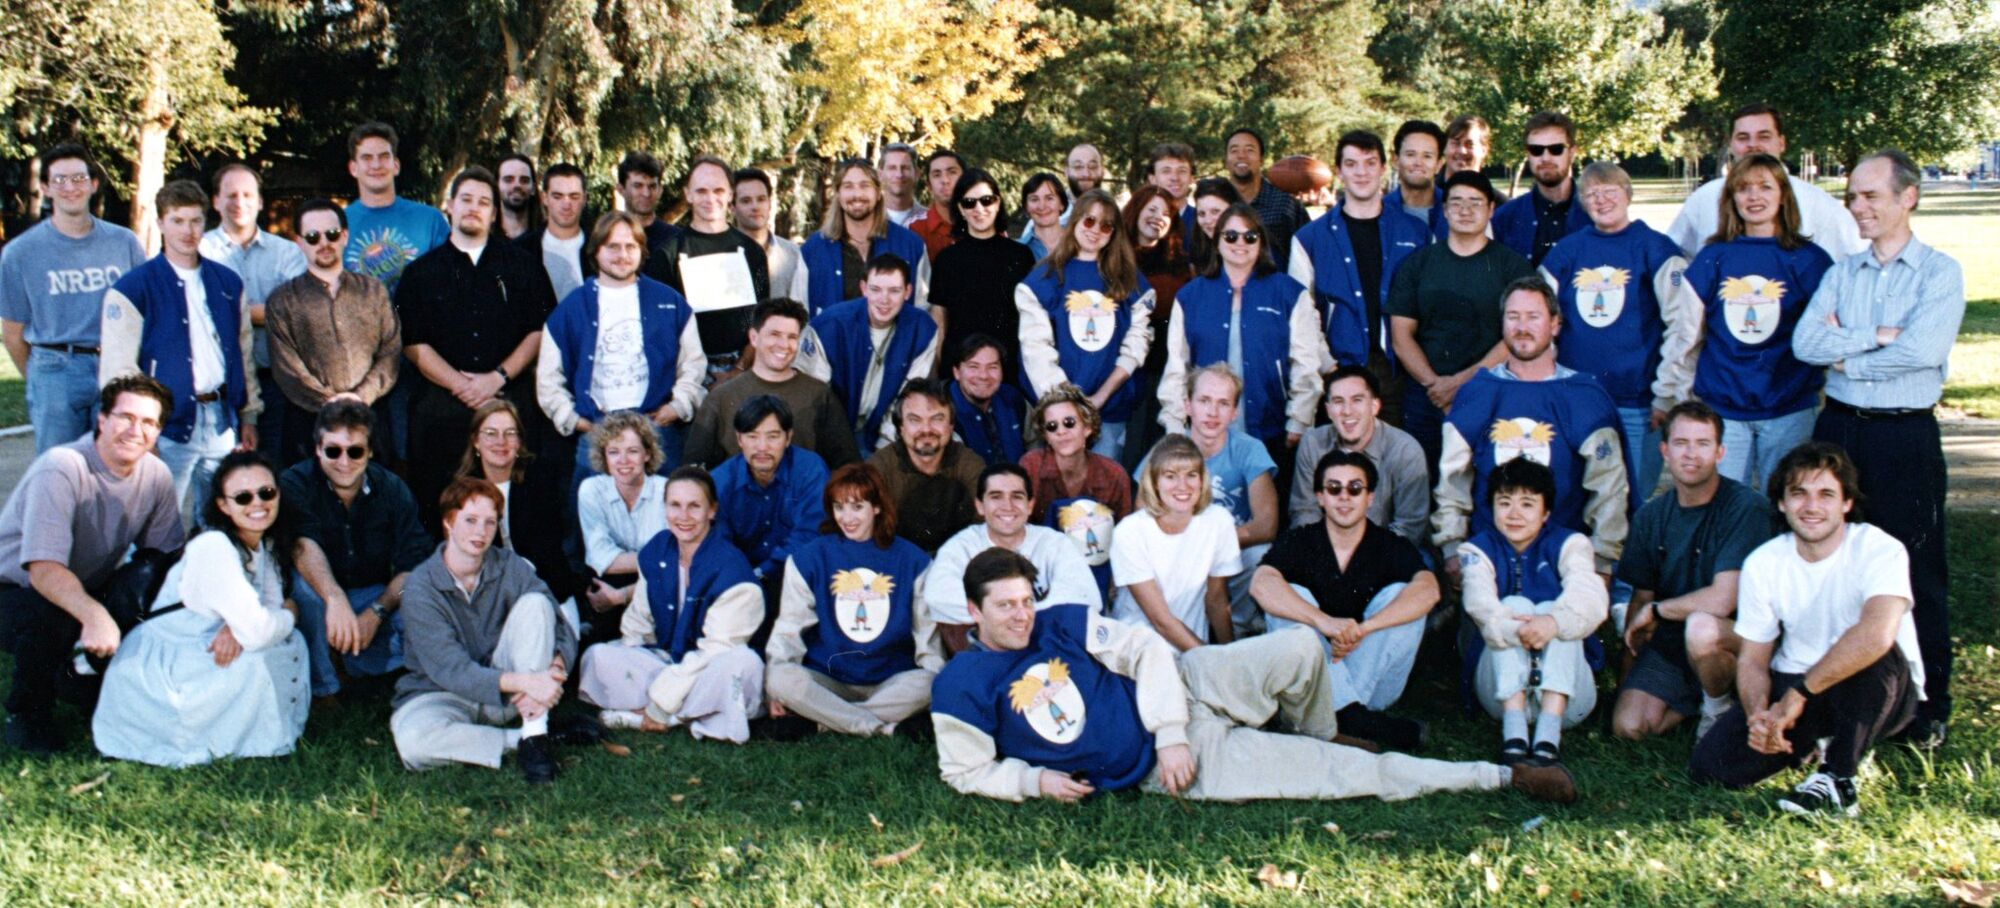 Cast and Crew | Hey Arnold Wiki | FANDOM powered by Wikia